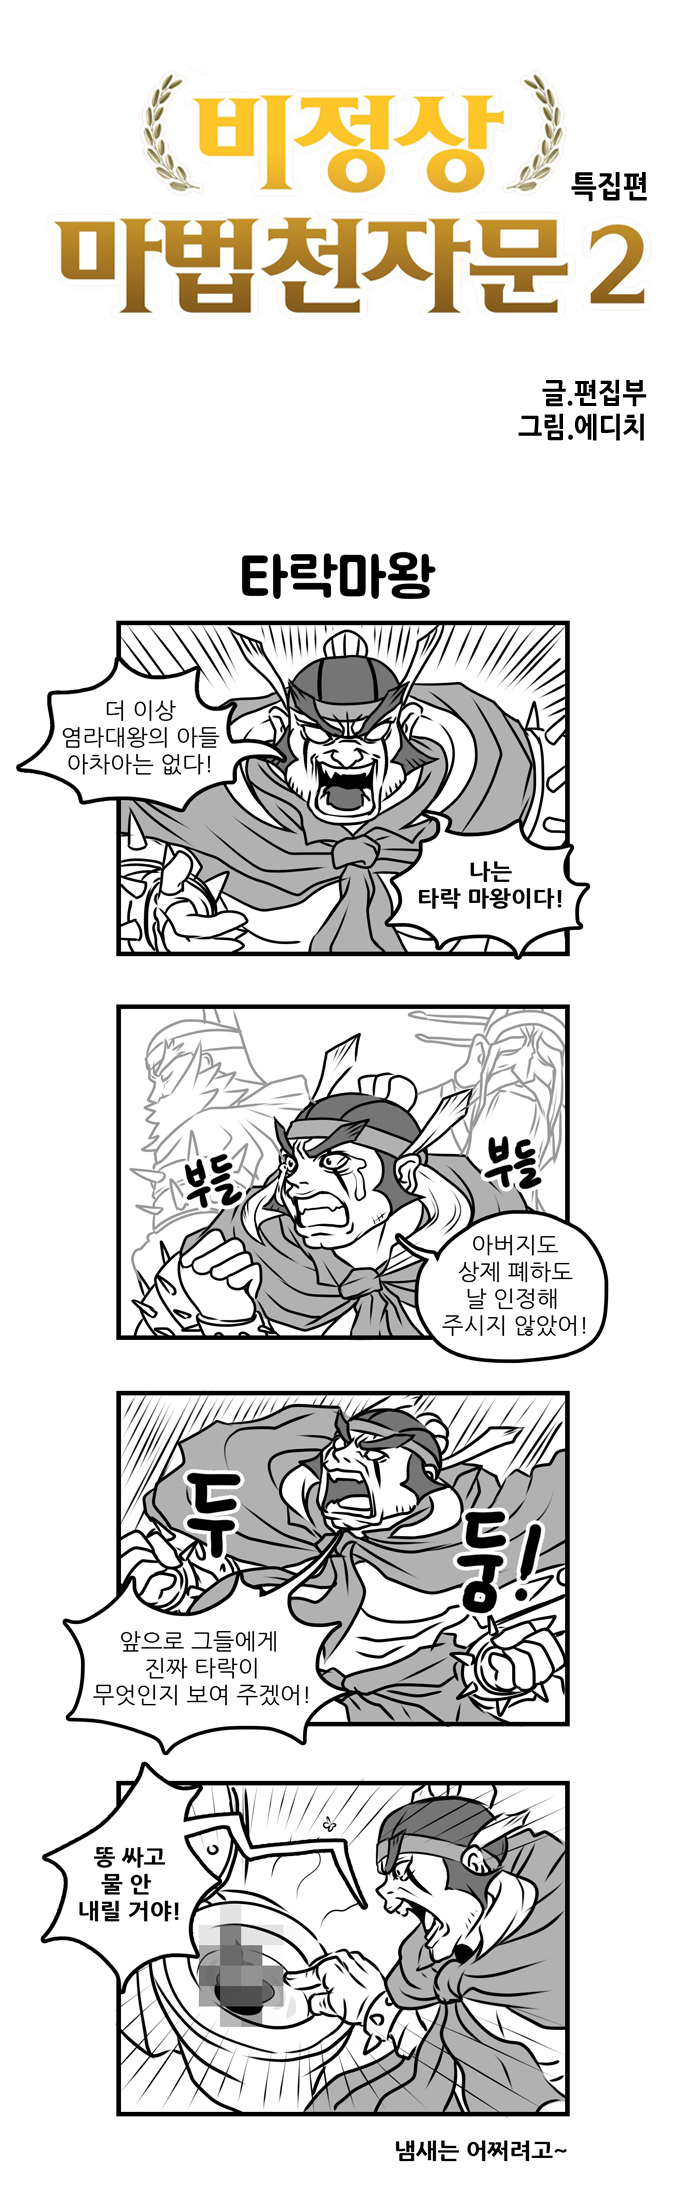 타락마왕 완성